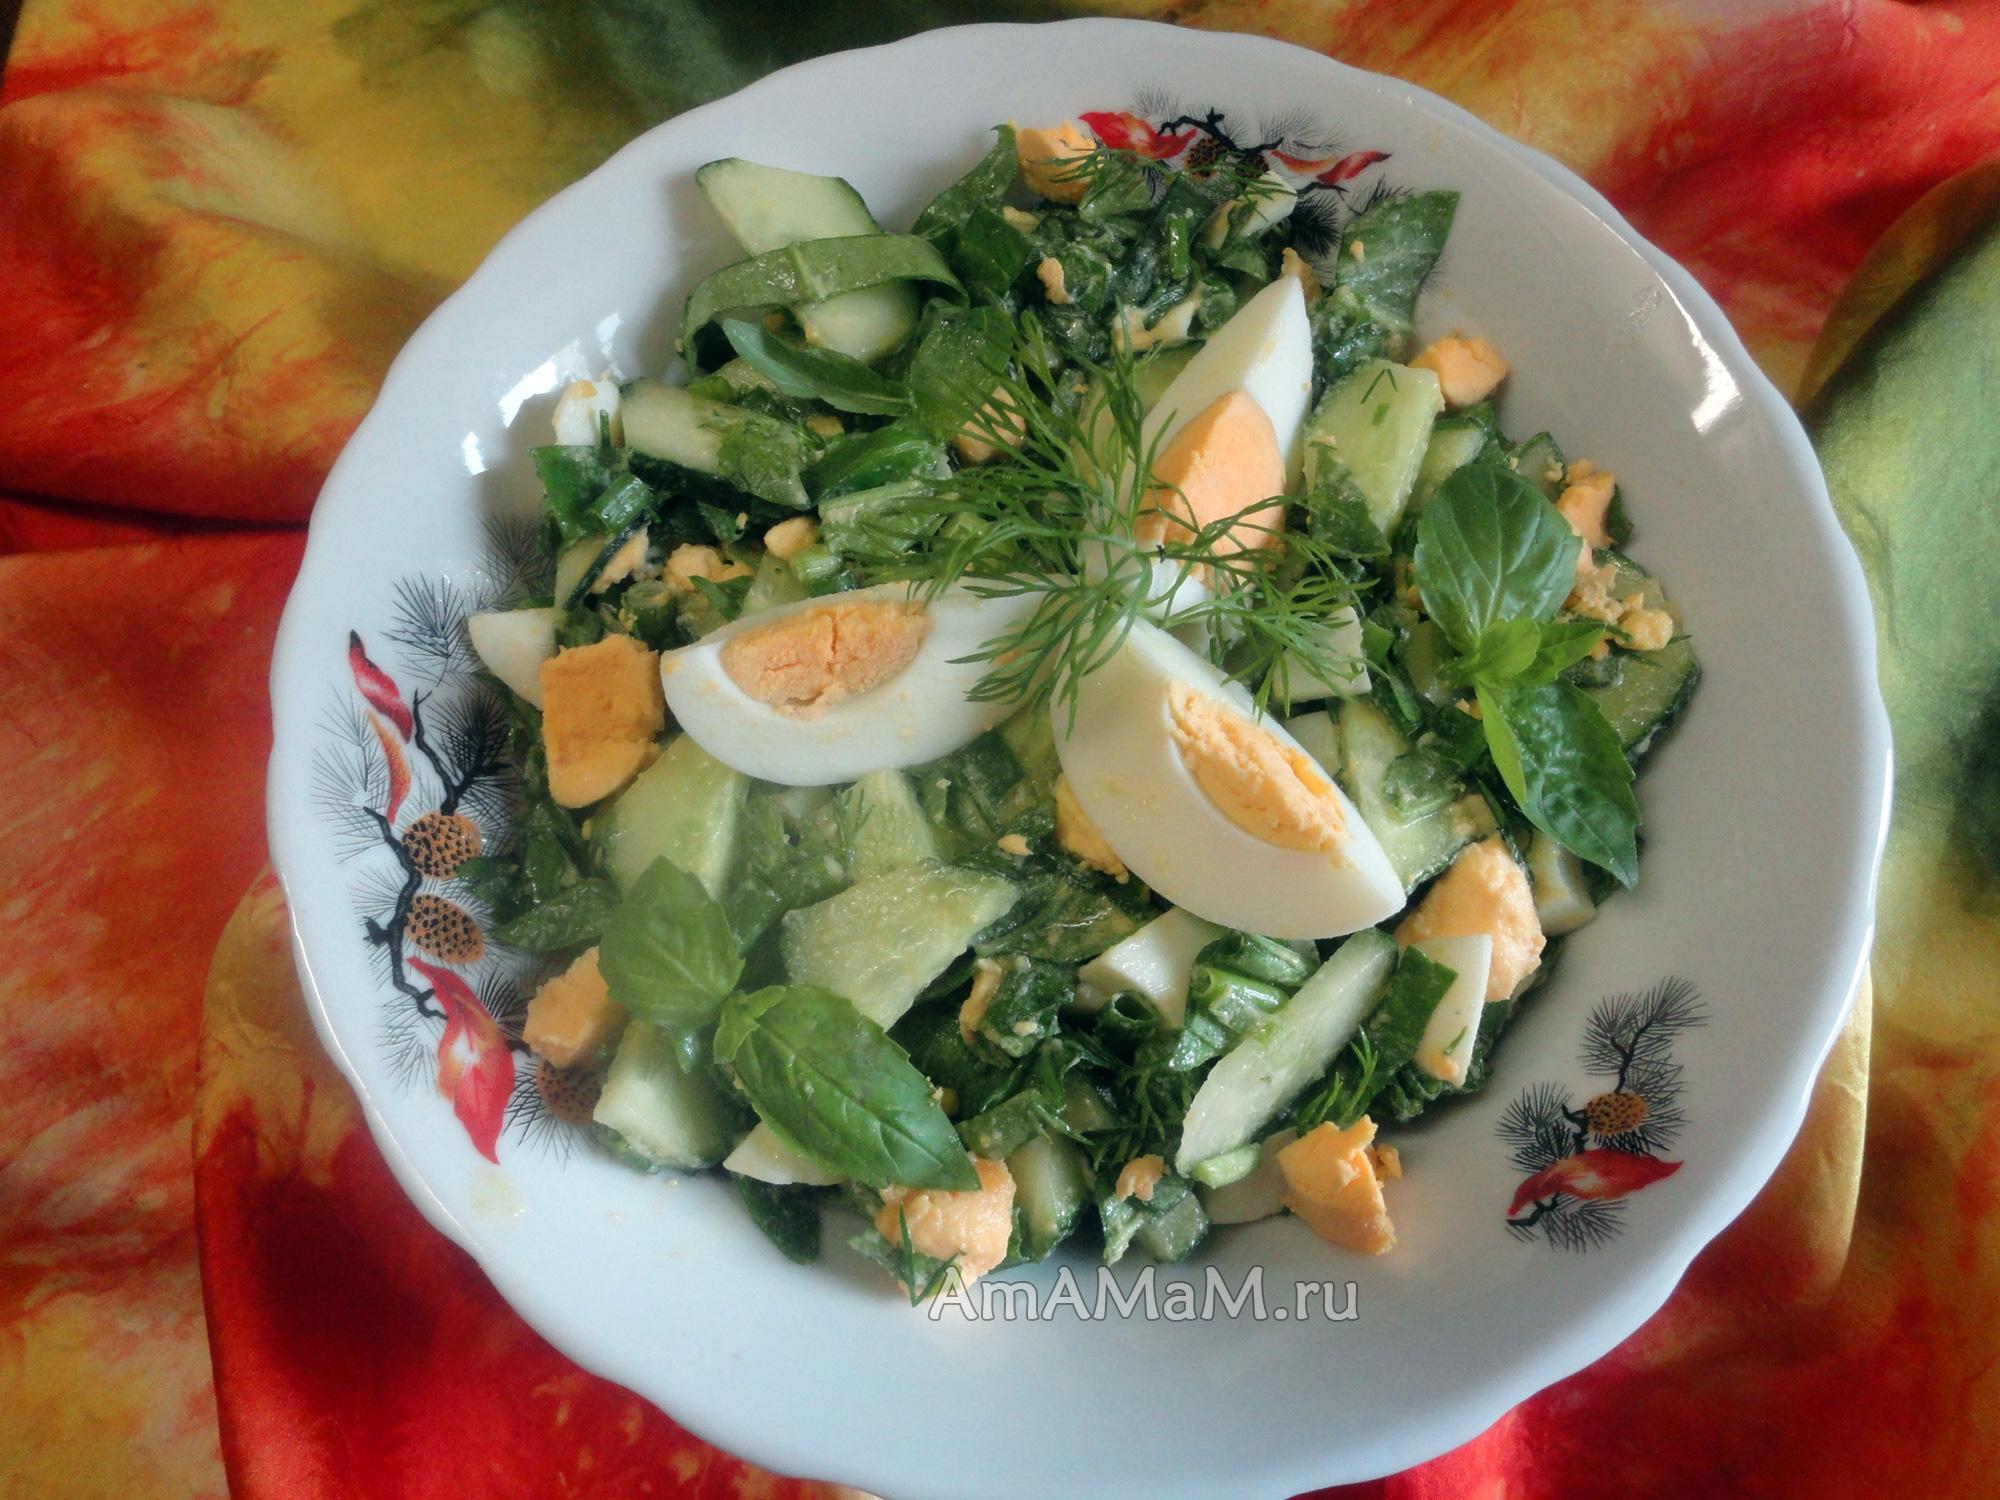 салат из щавеля фото рецепт